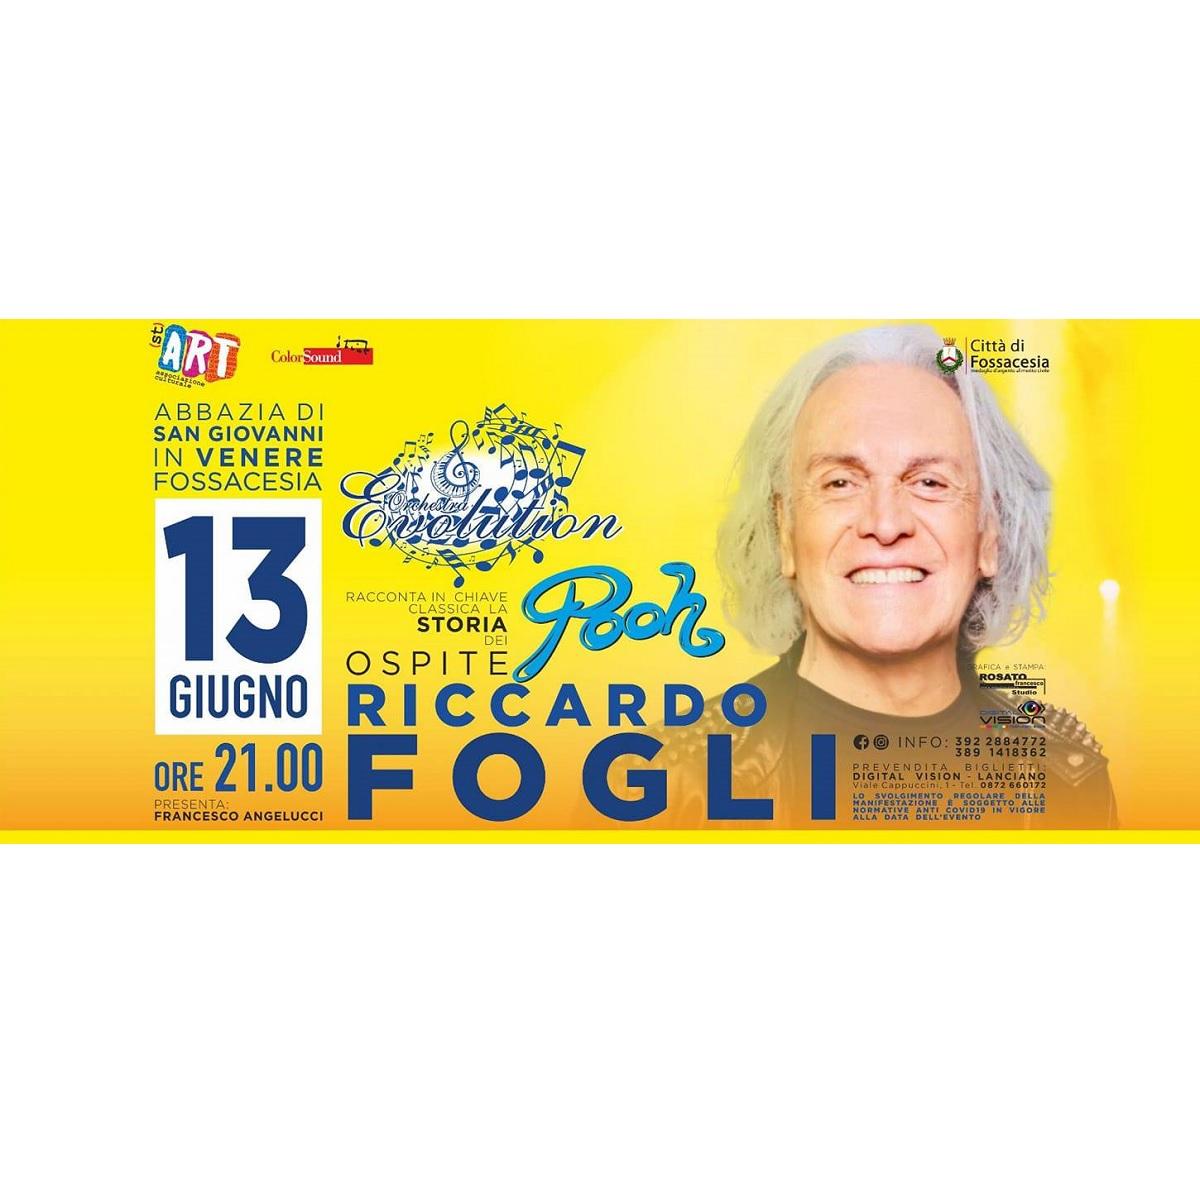 Riccardo Fogli a Fossacesia il 13 giugno 2021 locandina